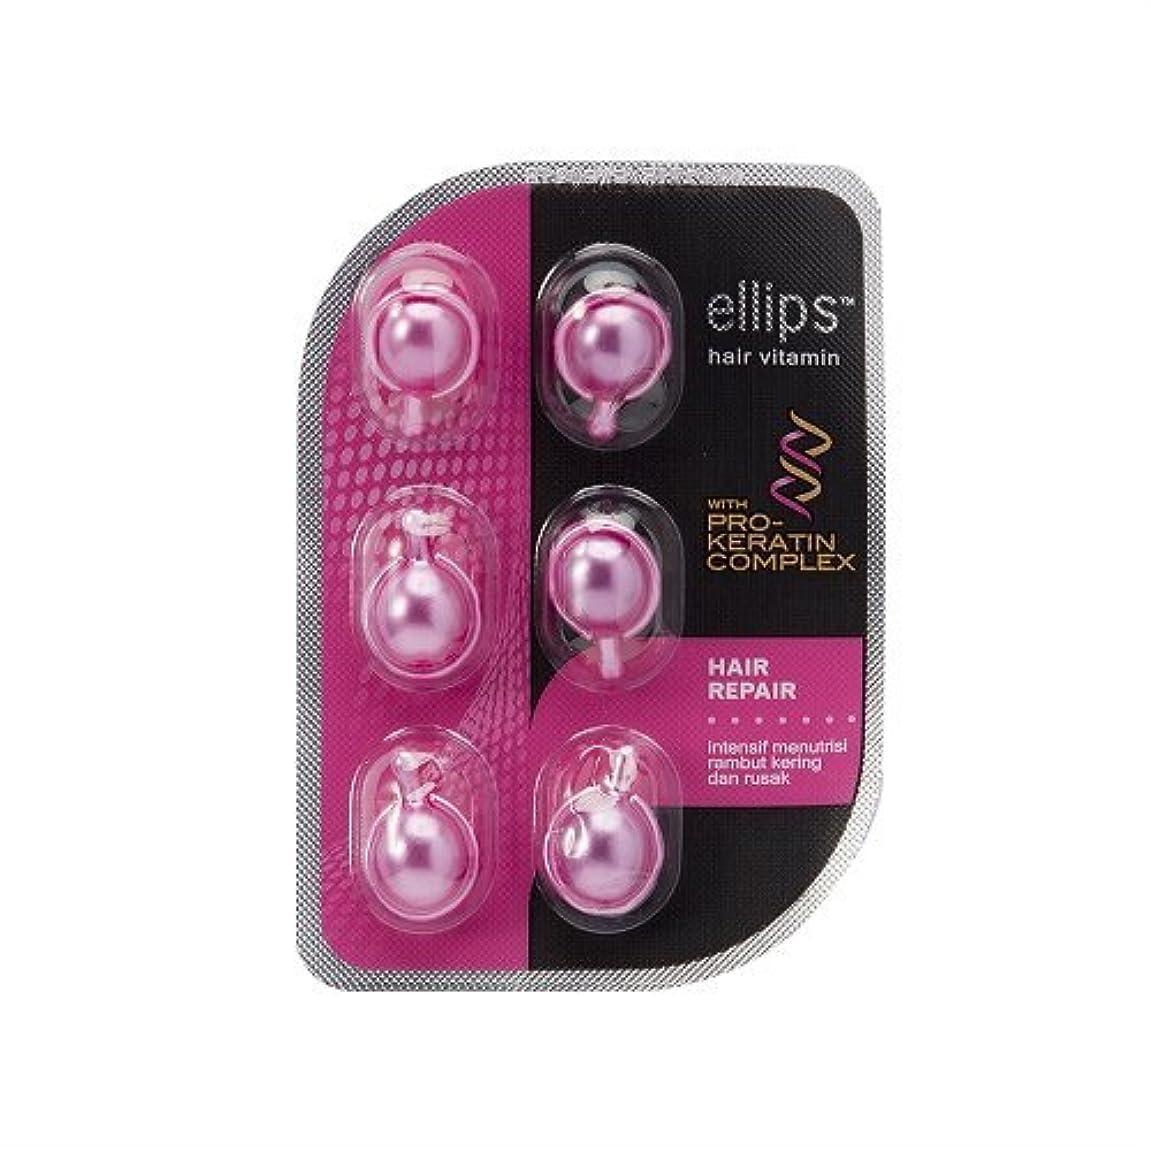 アンデス山脈届ける用量ellips(エリップス) ヘアビタミン 毛髪補修 ヘアリペア HAIR REPAIR (ピンク) 6粒入